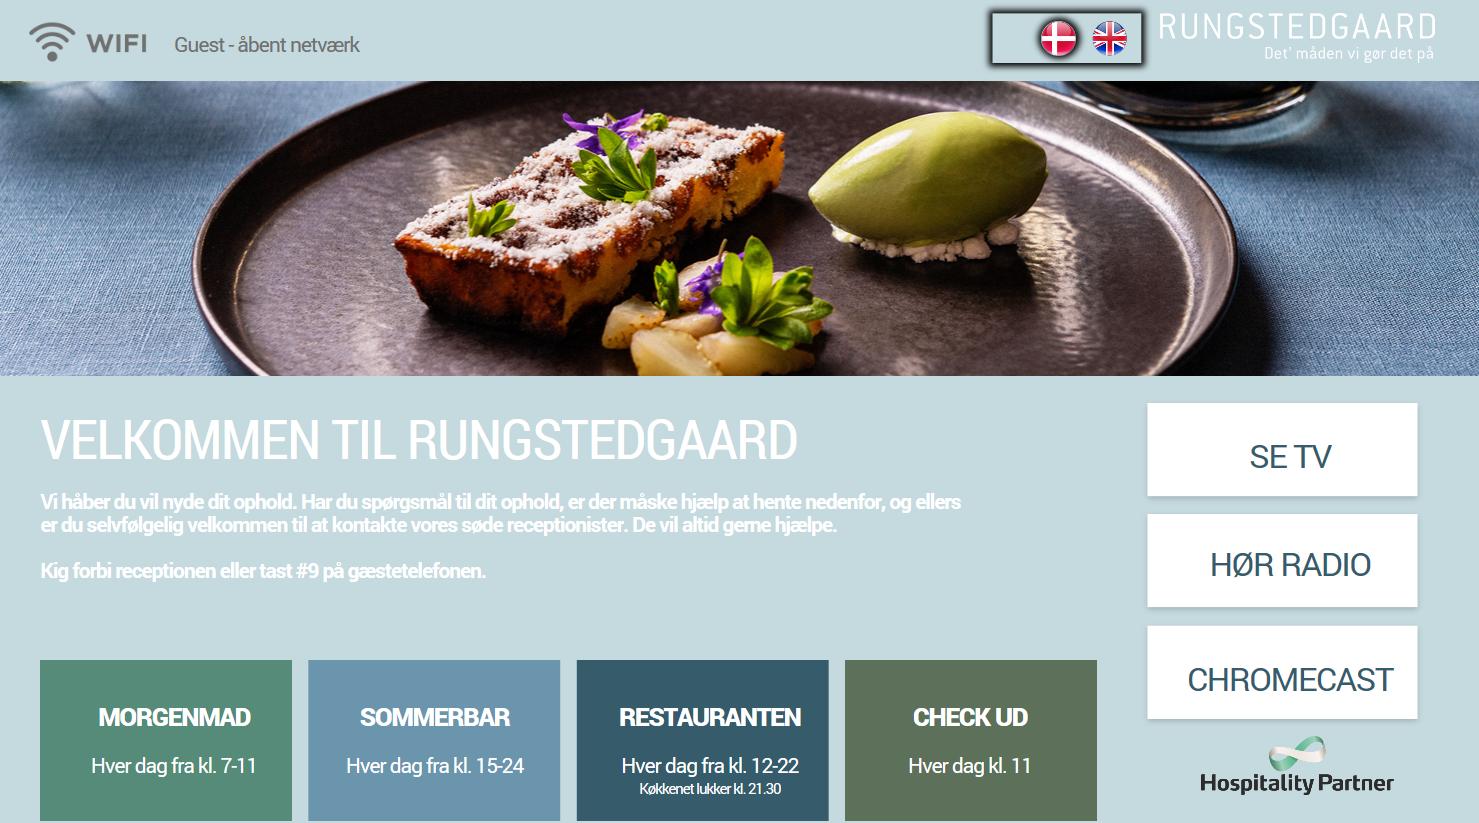 Rungstedgaard I CMND